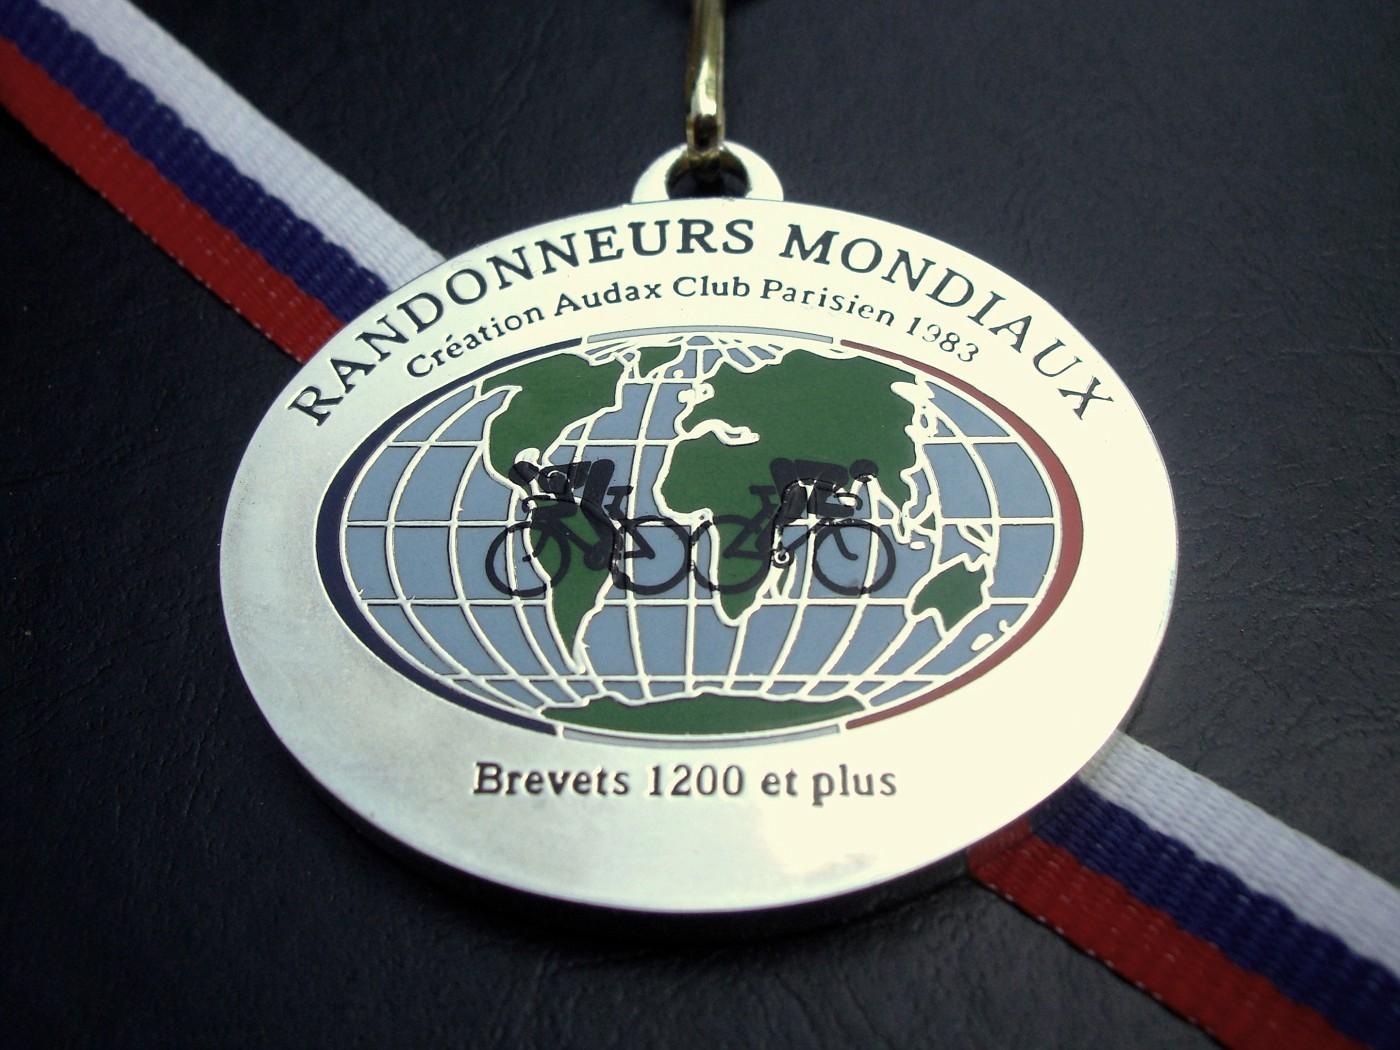 Manfred's medal, frontside